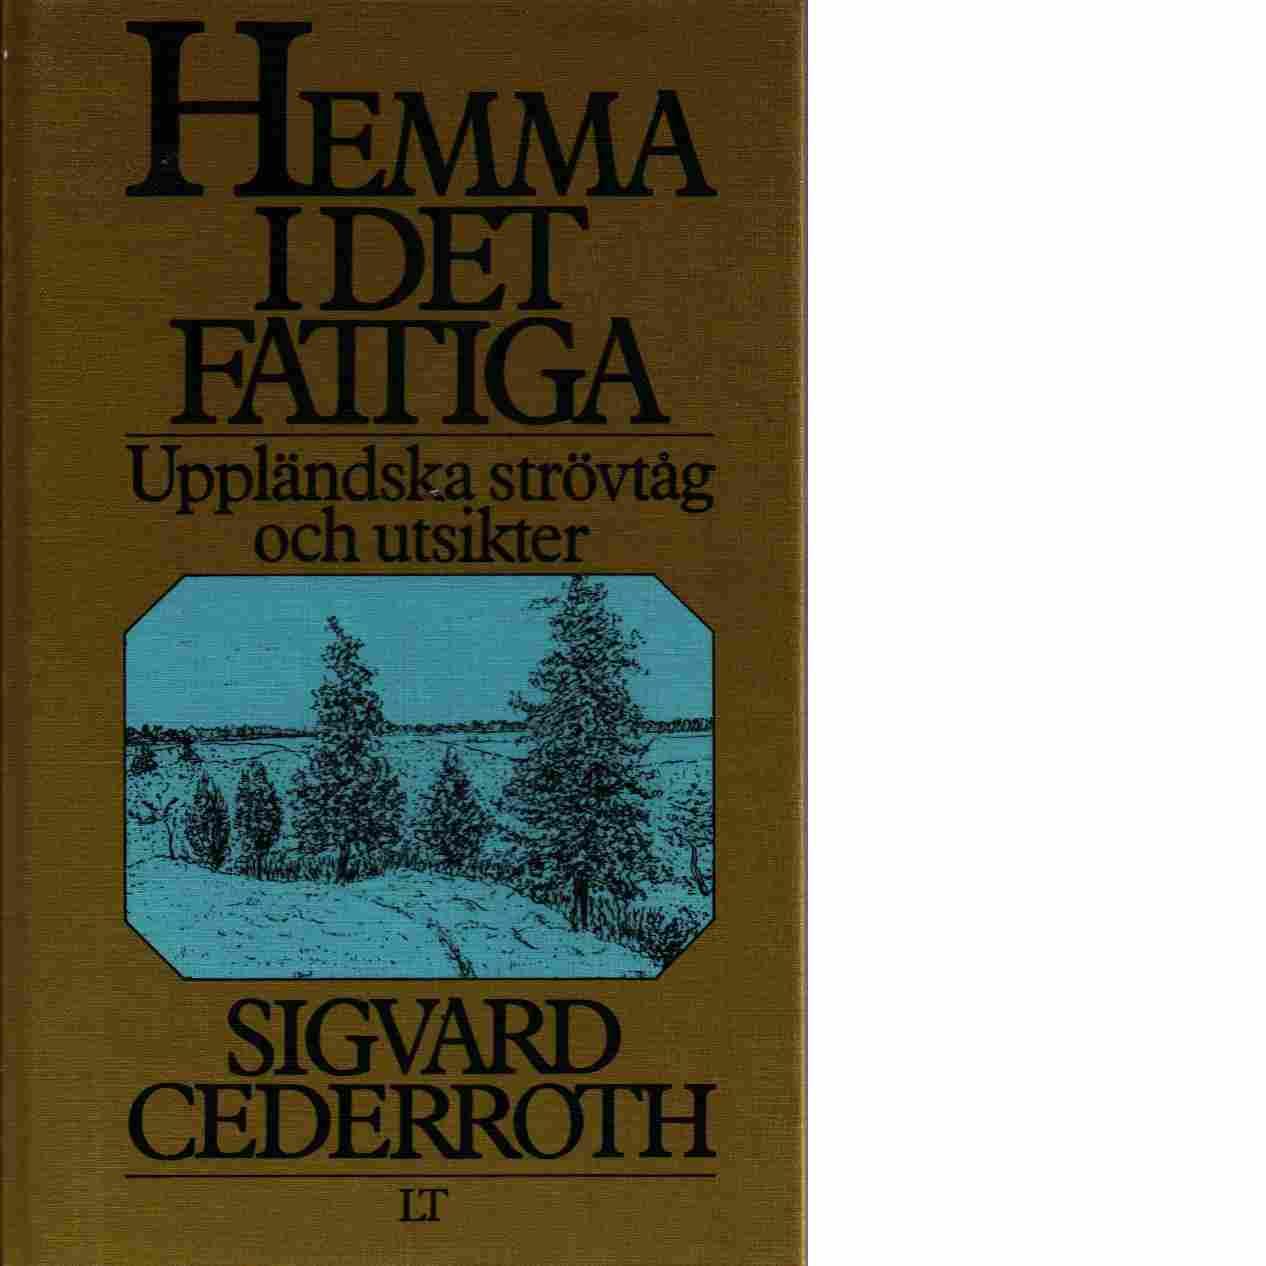 Hemma i det fattiga : uppländska strövtåg och utsikter - Cederroth, Sigvard